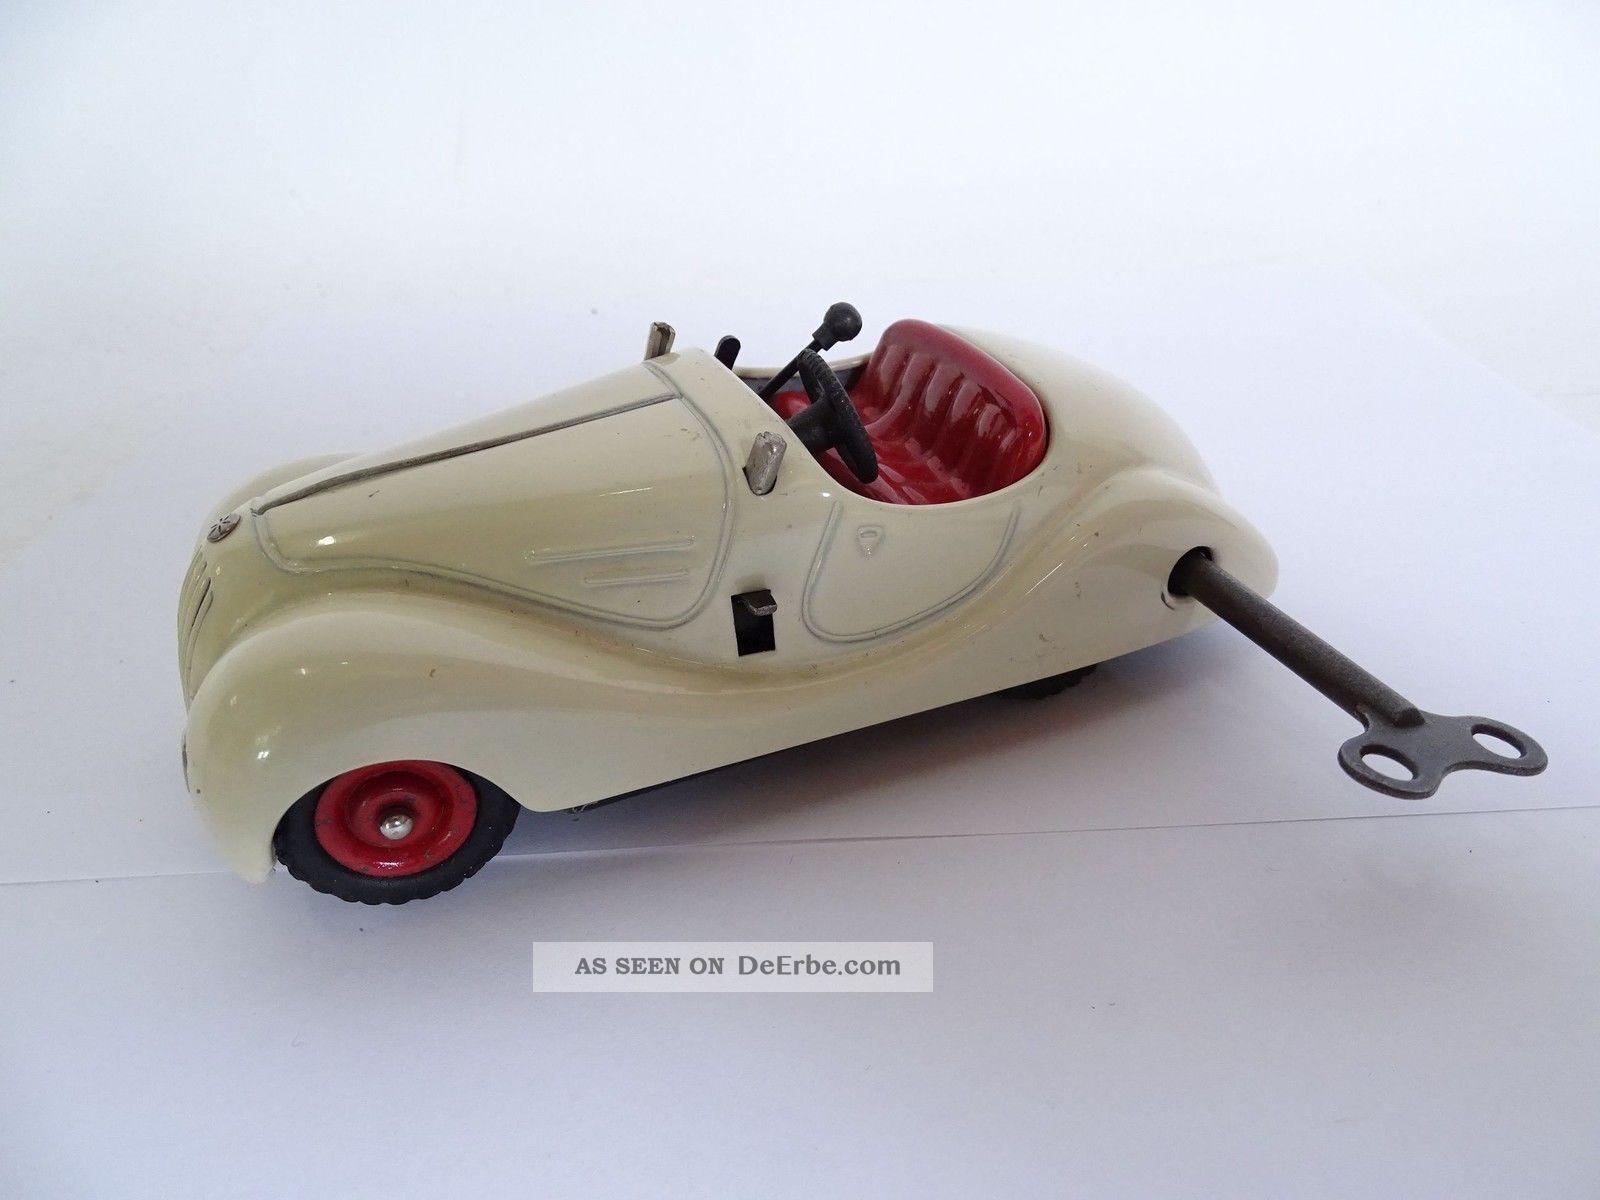 Schuco Examico 4001 Blechspielzeug Modell Auto Uhrwerk Mit Schlüssel Original, gefertigt 1945-1970 Bild